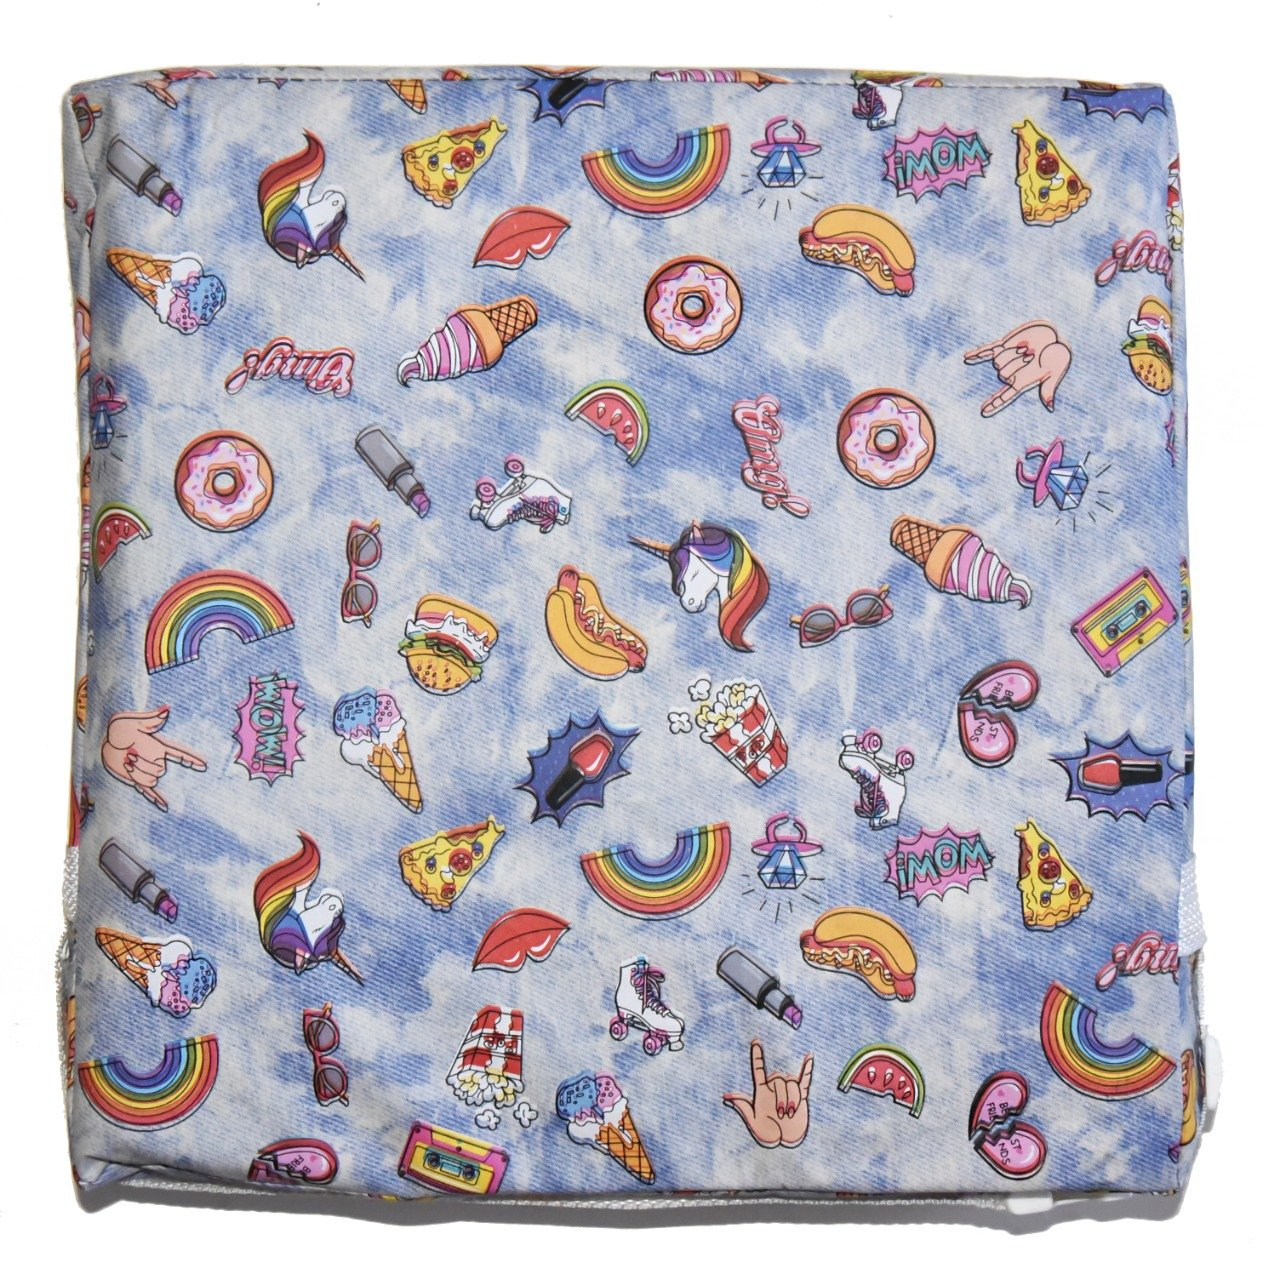 Assento Almofada de Elevação Infantil para Cadeira de Alimentação Cadeirinha de Crianças Bebês UNIVERSAL - Estampa Unicórnio Azul Unicornio Colorido Cute Fofo Lindos Menino Menina